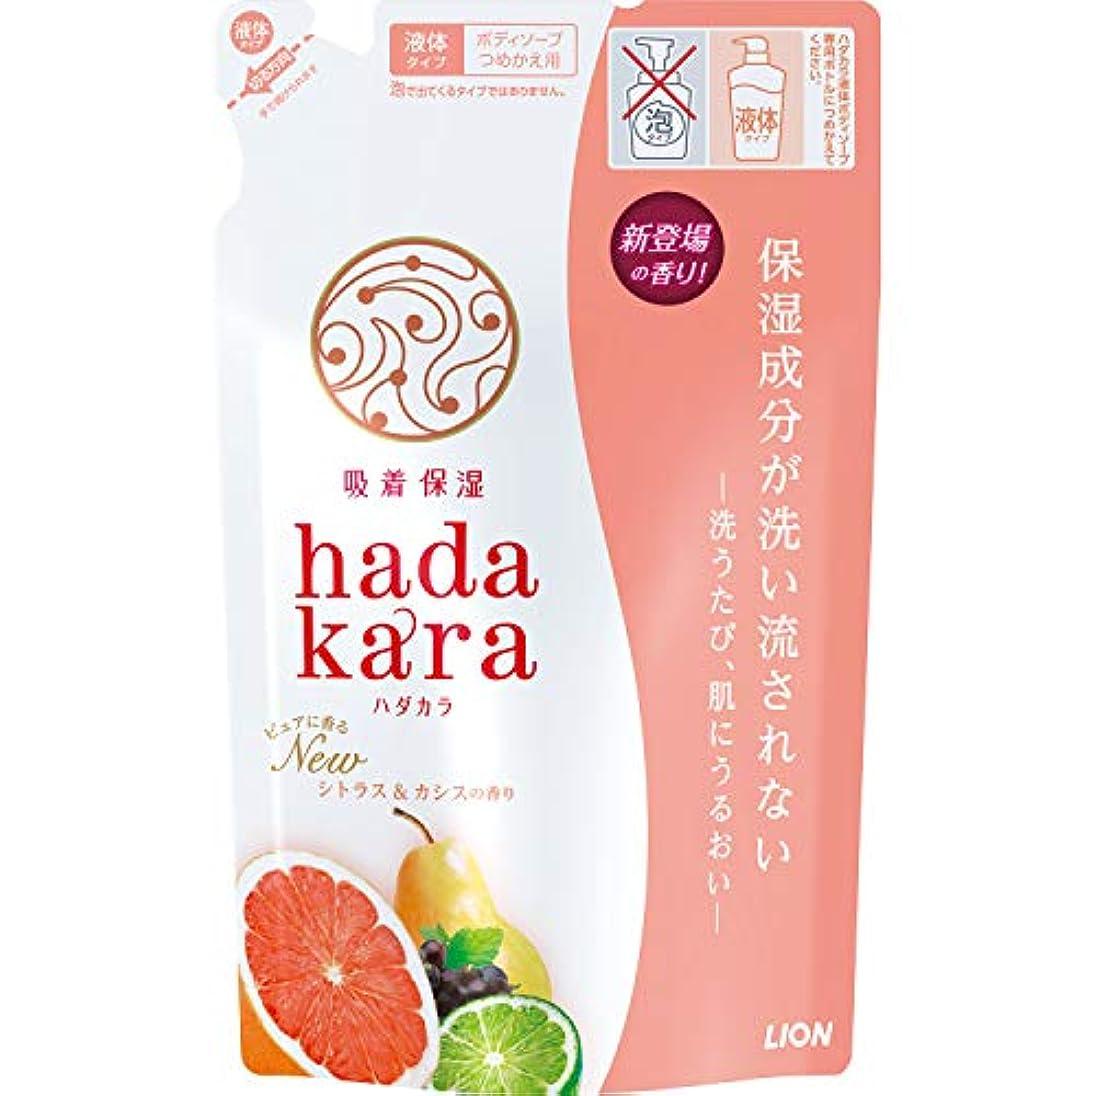 レーザ早熟変なhadakara(ハダカラ) ボディソープ シトラス&カシスの香り つめかえ 360ml 詰替え用